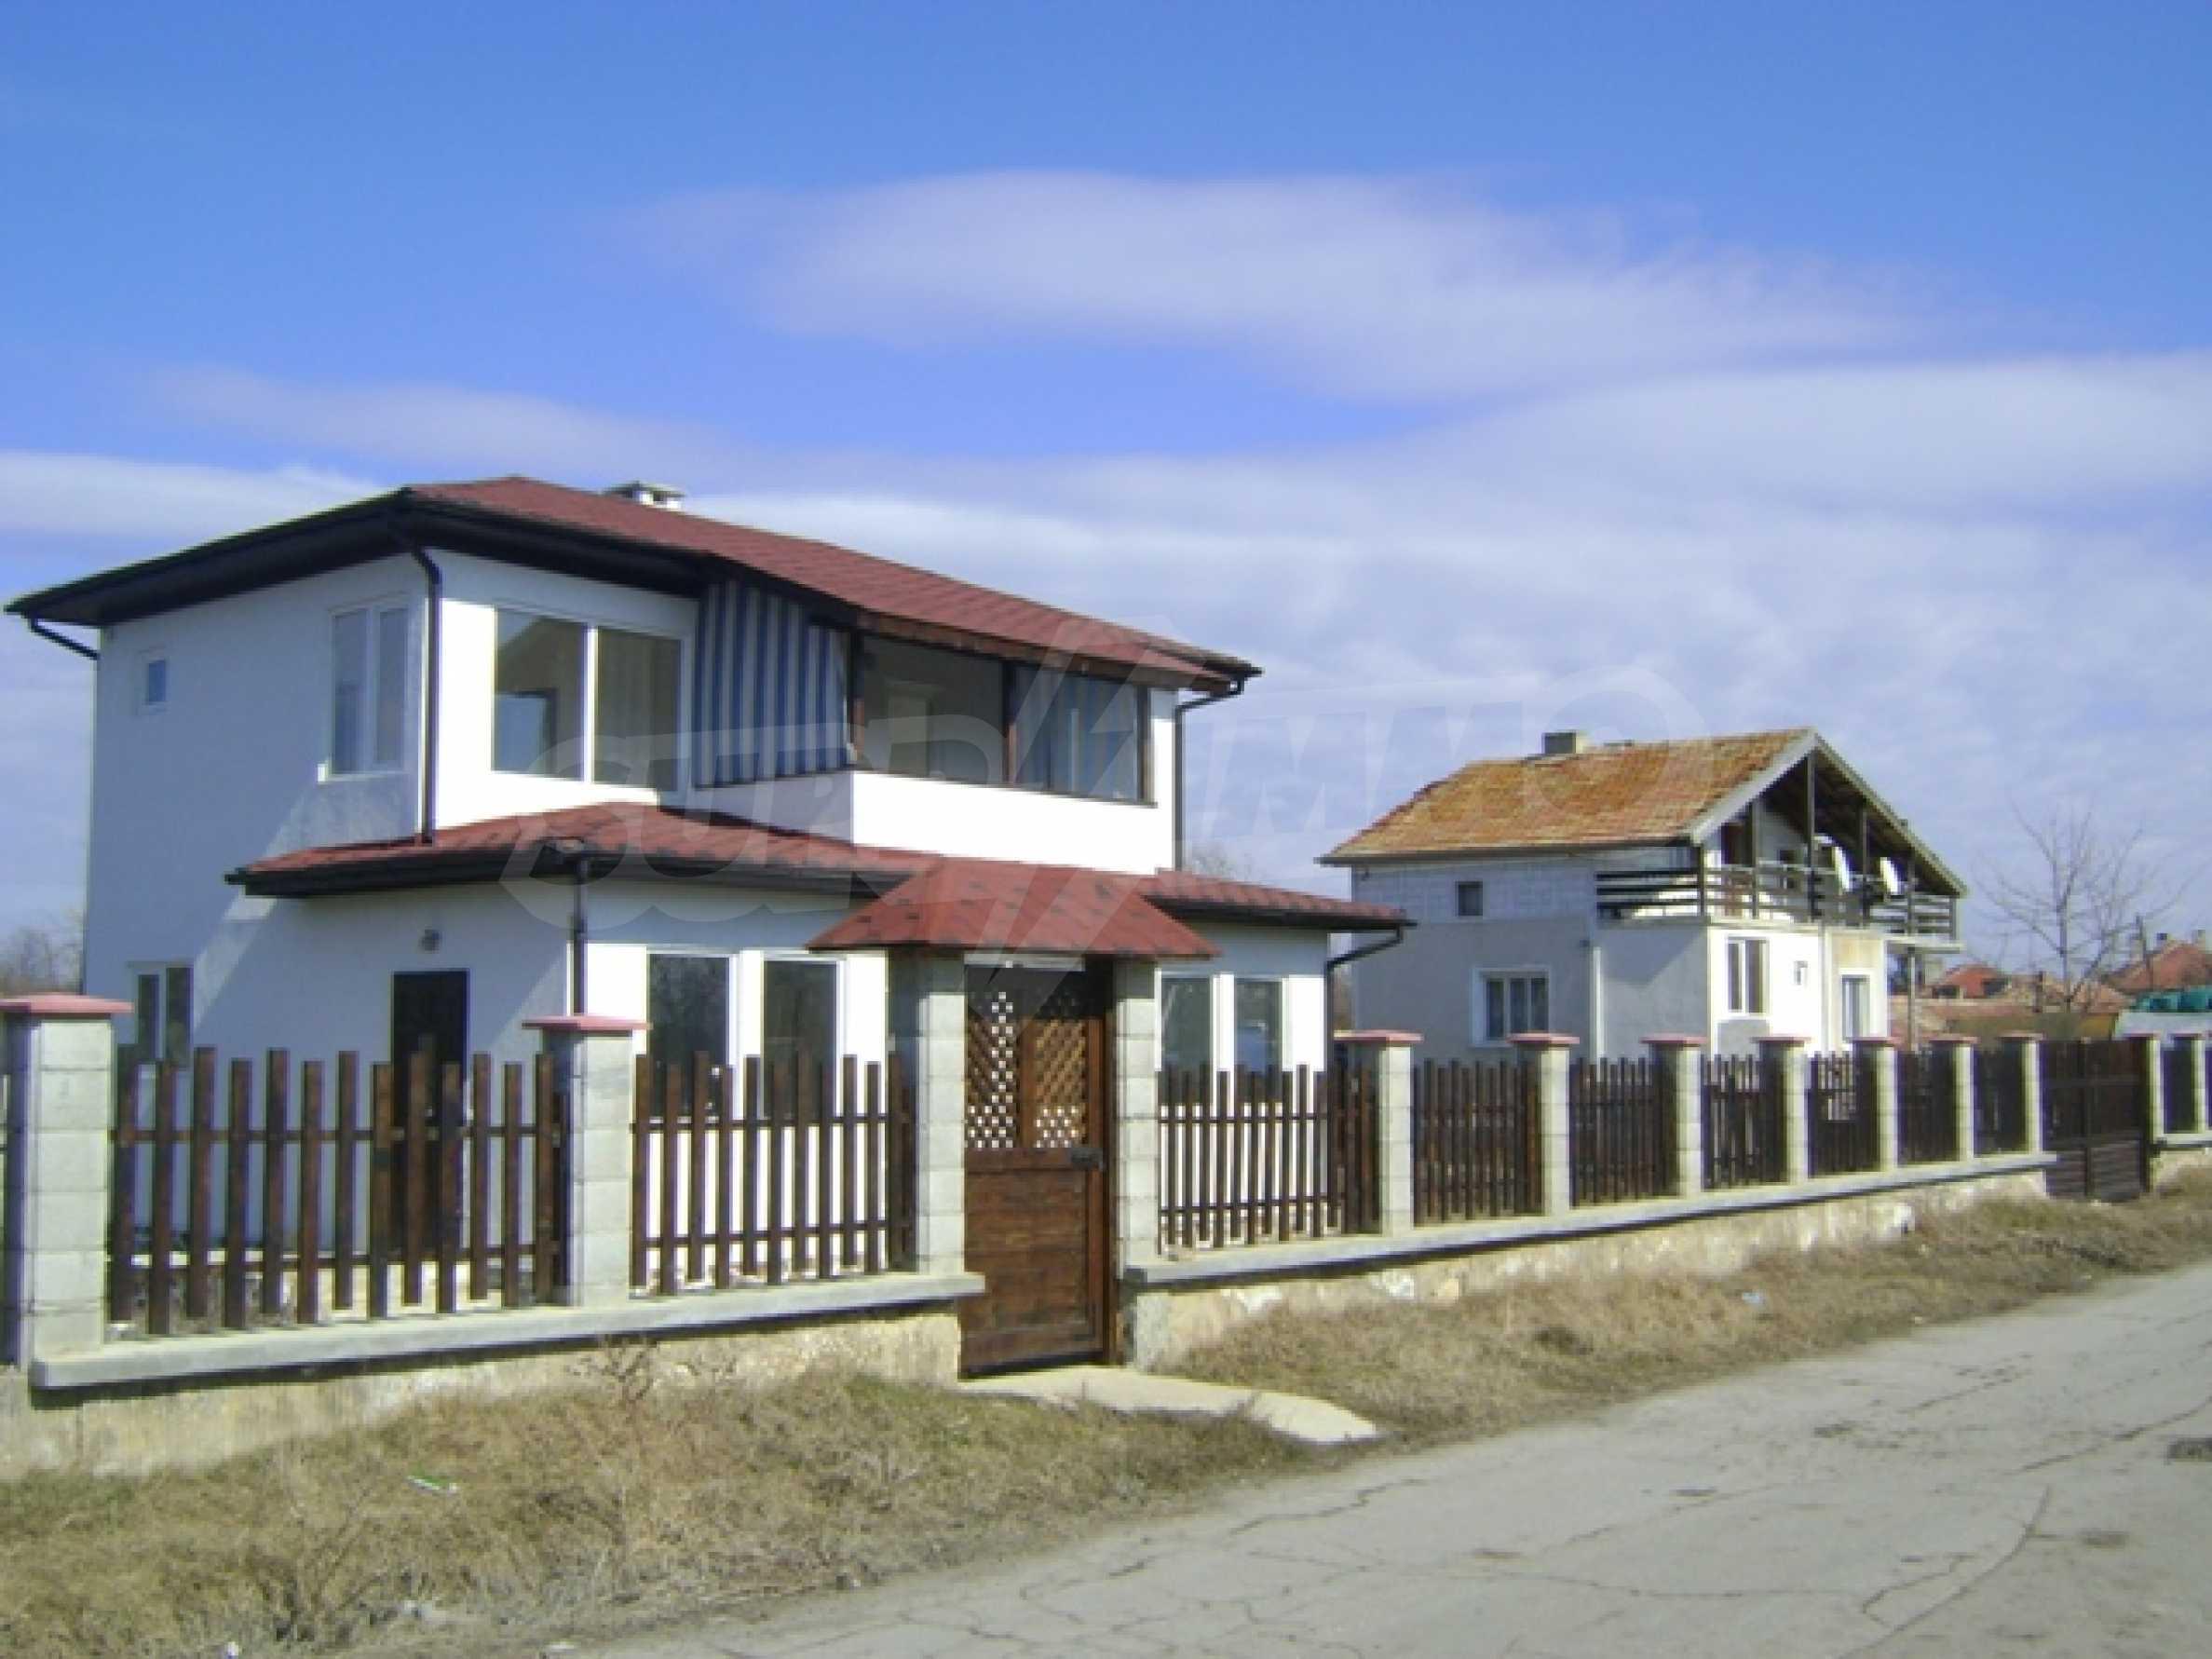 Neues Haus im Dorf Vetrino 5